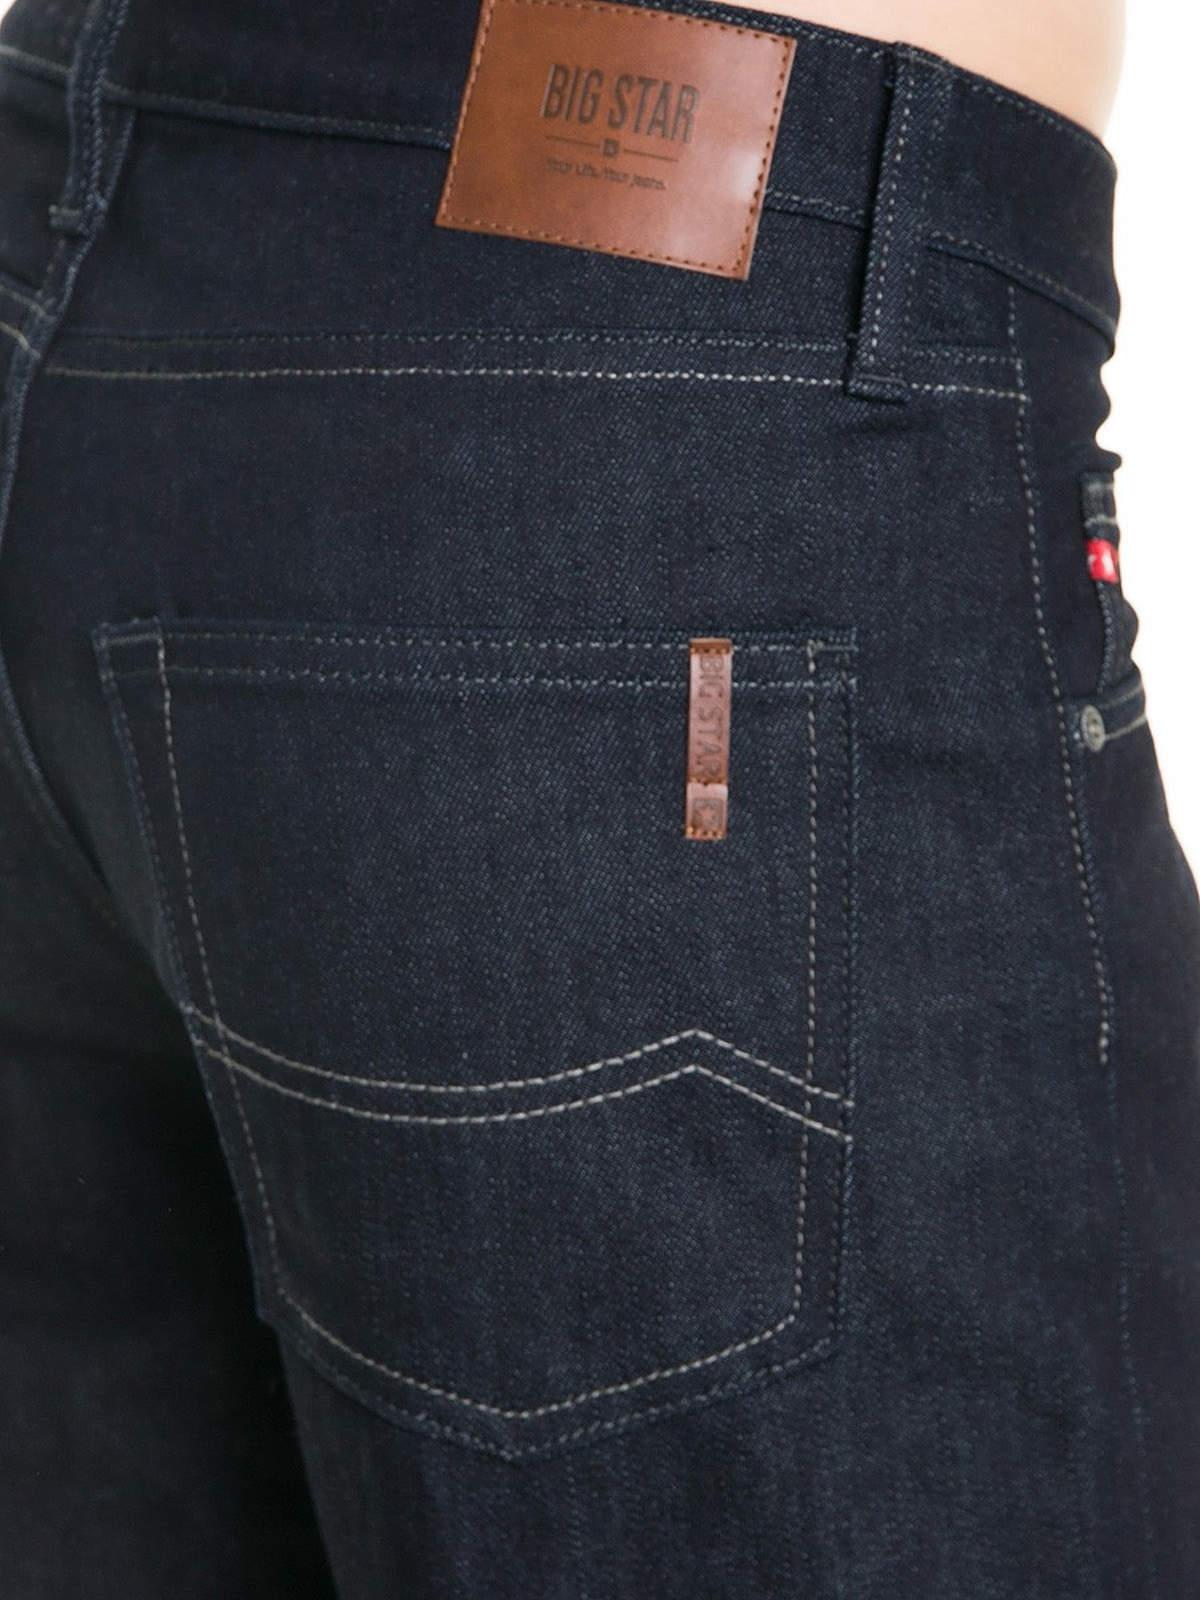 Big-Star-Jeans-Colt-497-Regular-Fit-Herren-Hose-Straight-Leg-Medium-Denim-NEU Indexbild 4